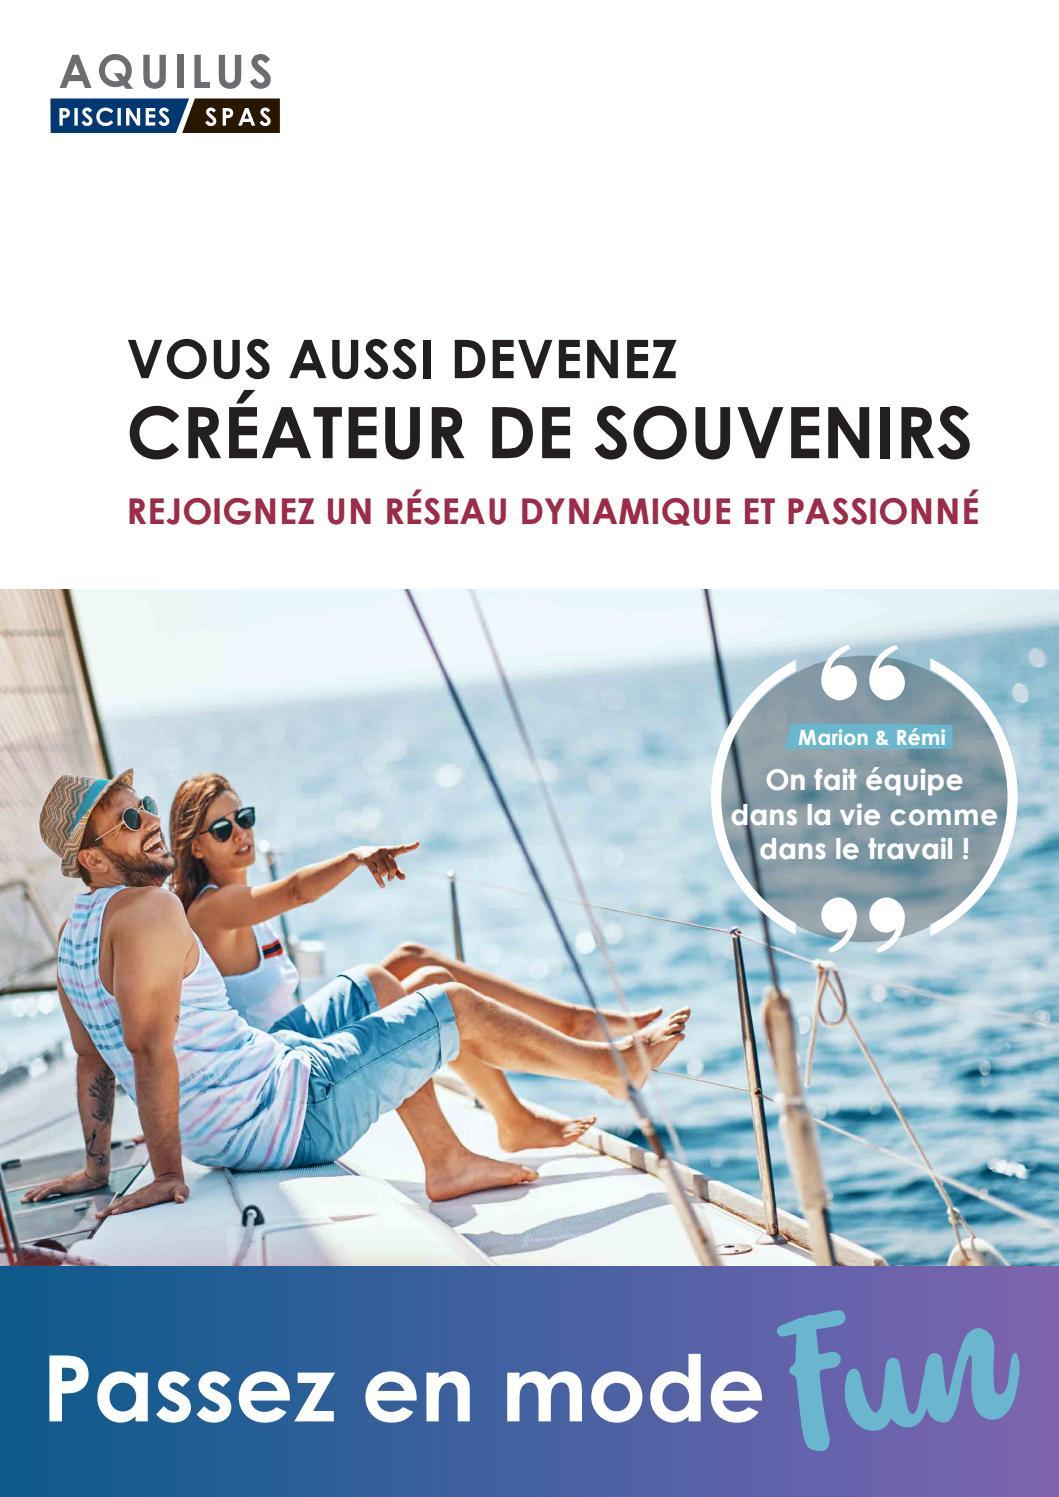 Prix Piscine Aquilus Mini Water plaquette développementaquilus piscines et spas - issuu